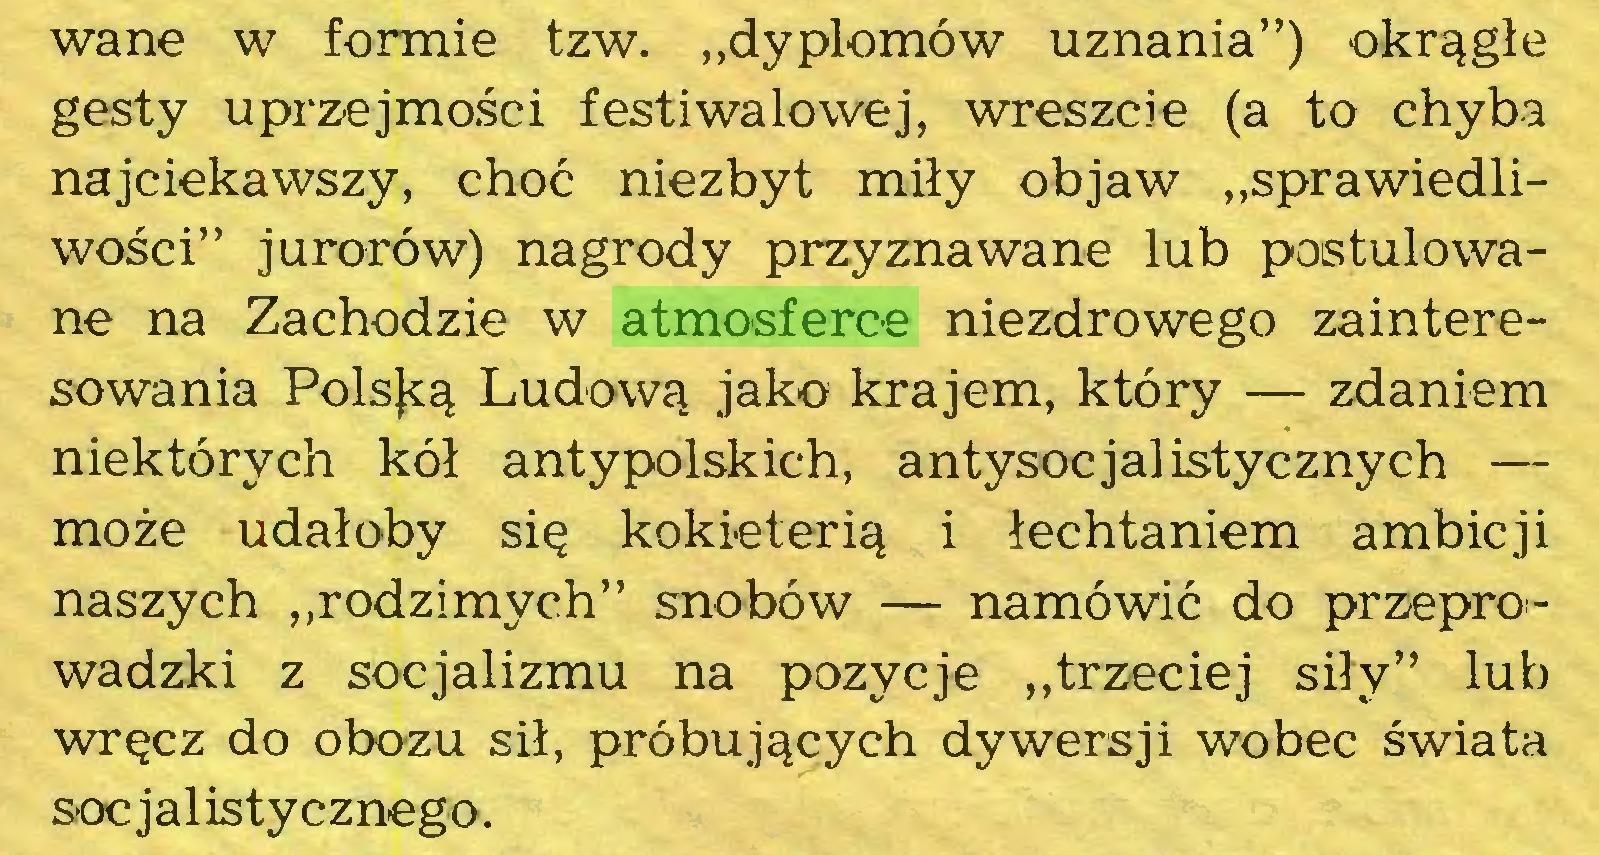 """(...) wane w formie tzw. """"dyplomów uznania"""") okrągłe gesty uprzejmości festiwalowej, wreszcie (a to chyba najciekawszy, choć niezbyt miły objaw """"sprawiedliwości"""" jurorów) nagrody przyznawane lub postulowane na Zachodzie w atmosferce niezdrowego zainteresowania Polską Ludową jako krajem, który — zdaniem niektórych kół antypolskich, antysocjalistycznych — może udałoby się kokieterią i łechtaniem ambicji naszych """"rodzimych"""" snobów — namówić do przeprowadzki z socjalizmu na pozycje """"trzeciej siły"""" lub wręcz do obozu sił, próbujących dywersji wobec świata socjalistycznego..."""